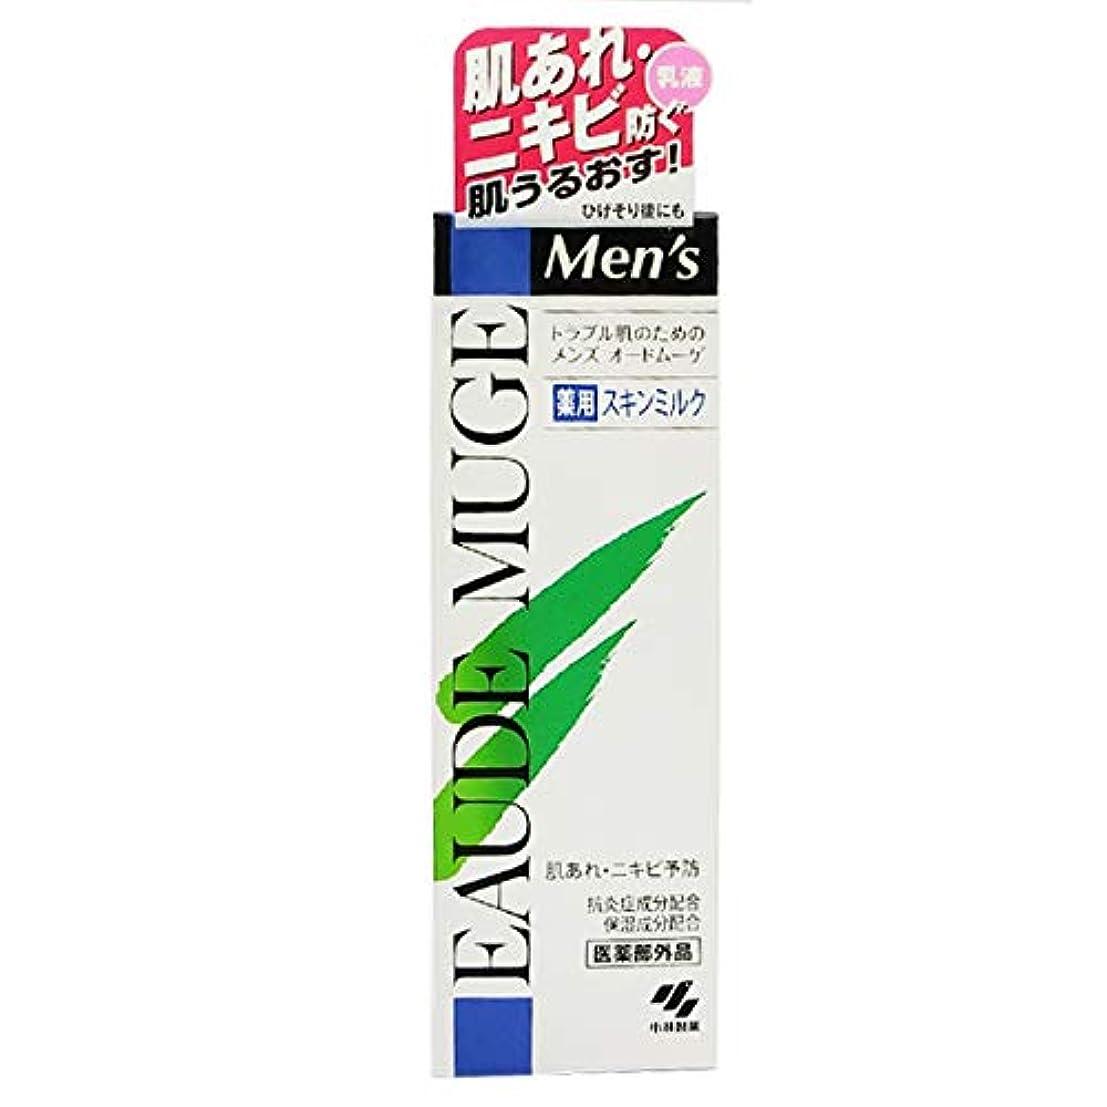 軽減リングバック説明的メンズ オードムーゲ 薬用スキンミルク